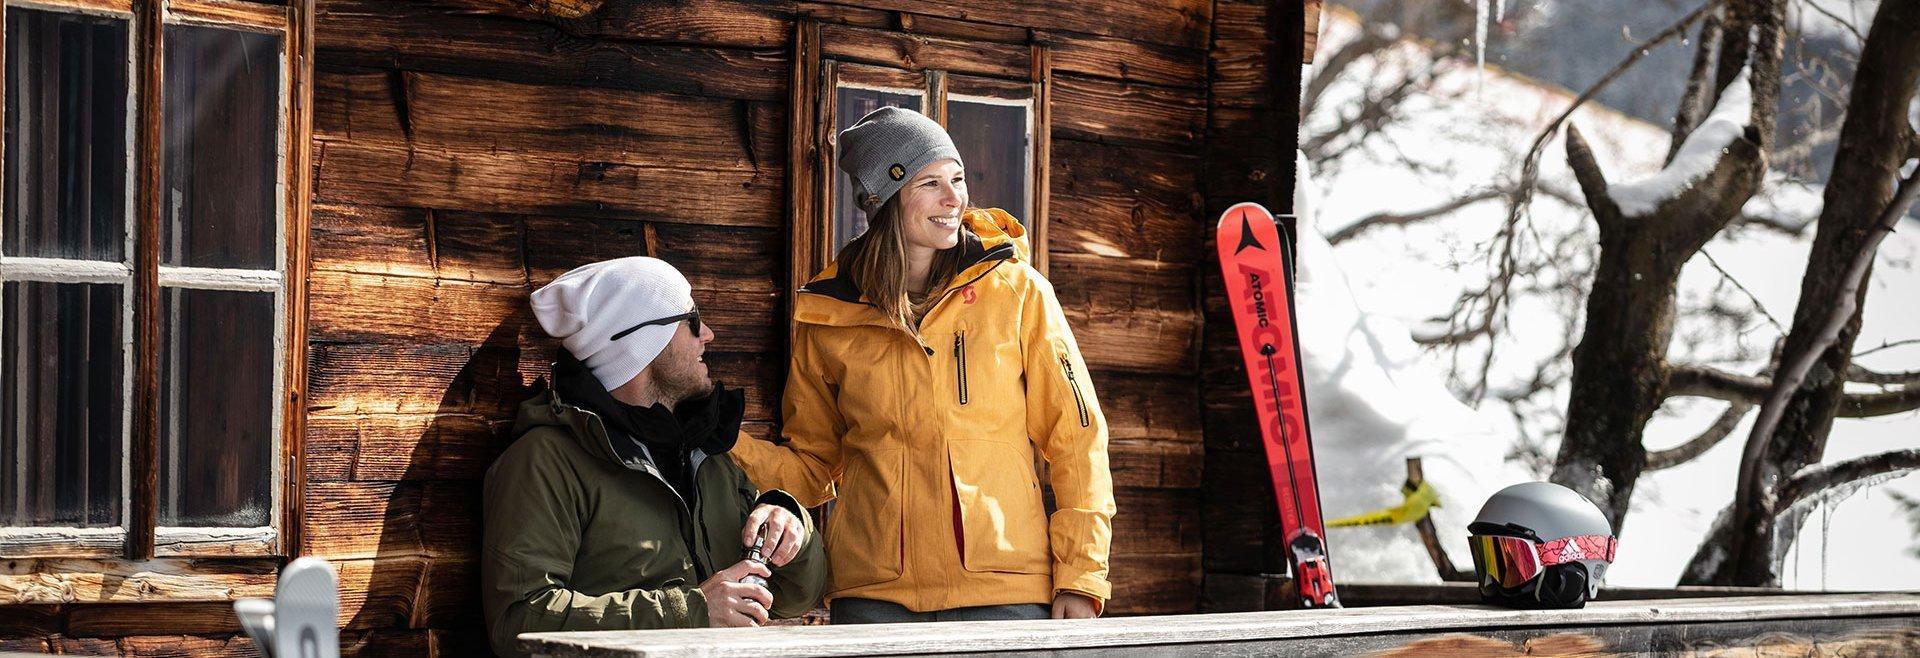 Skifahrer machen Rast auf Hütte